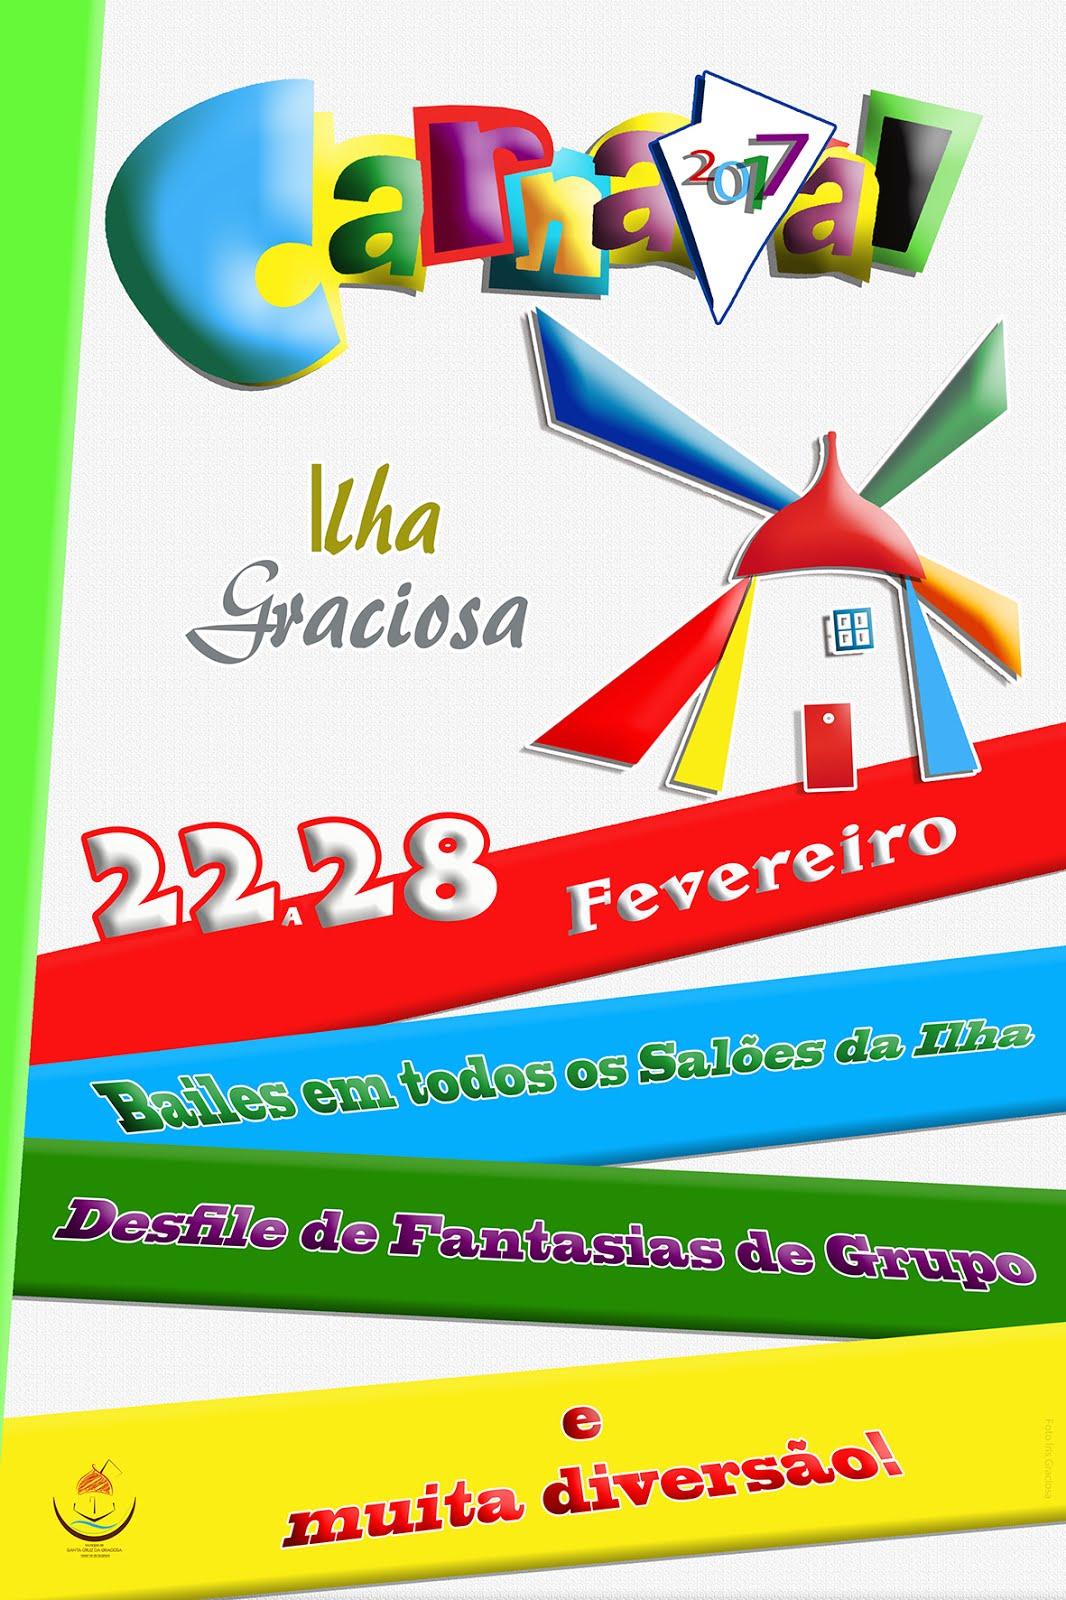 Carnaval da Graciosa 2017